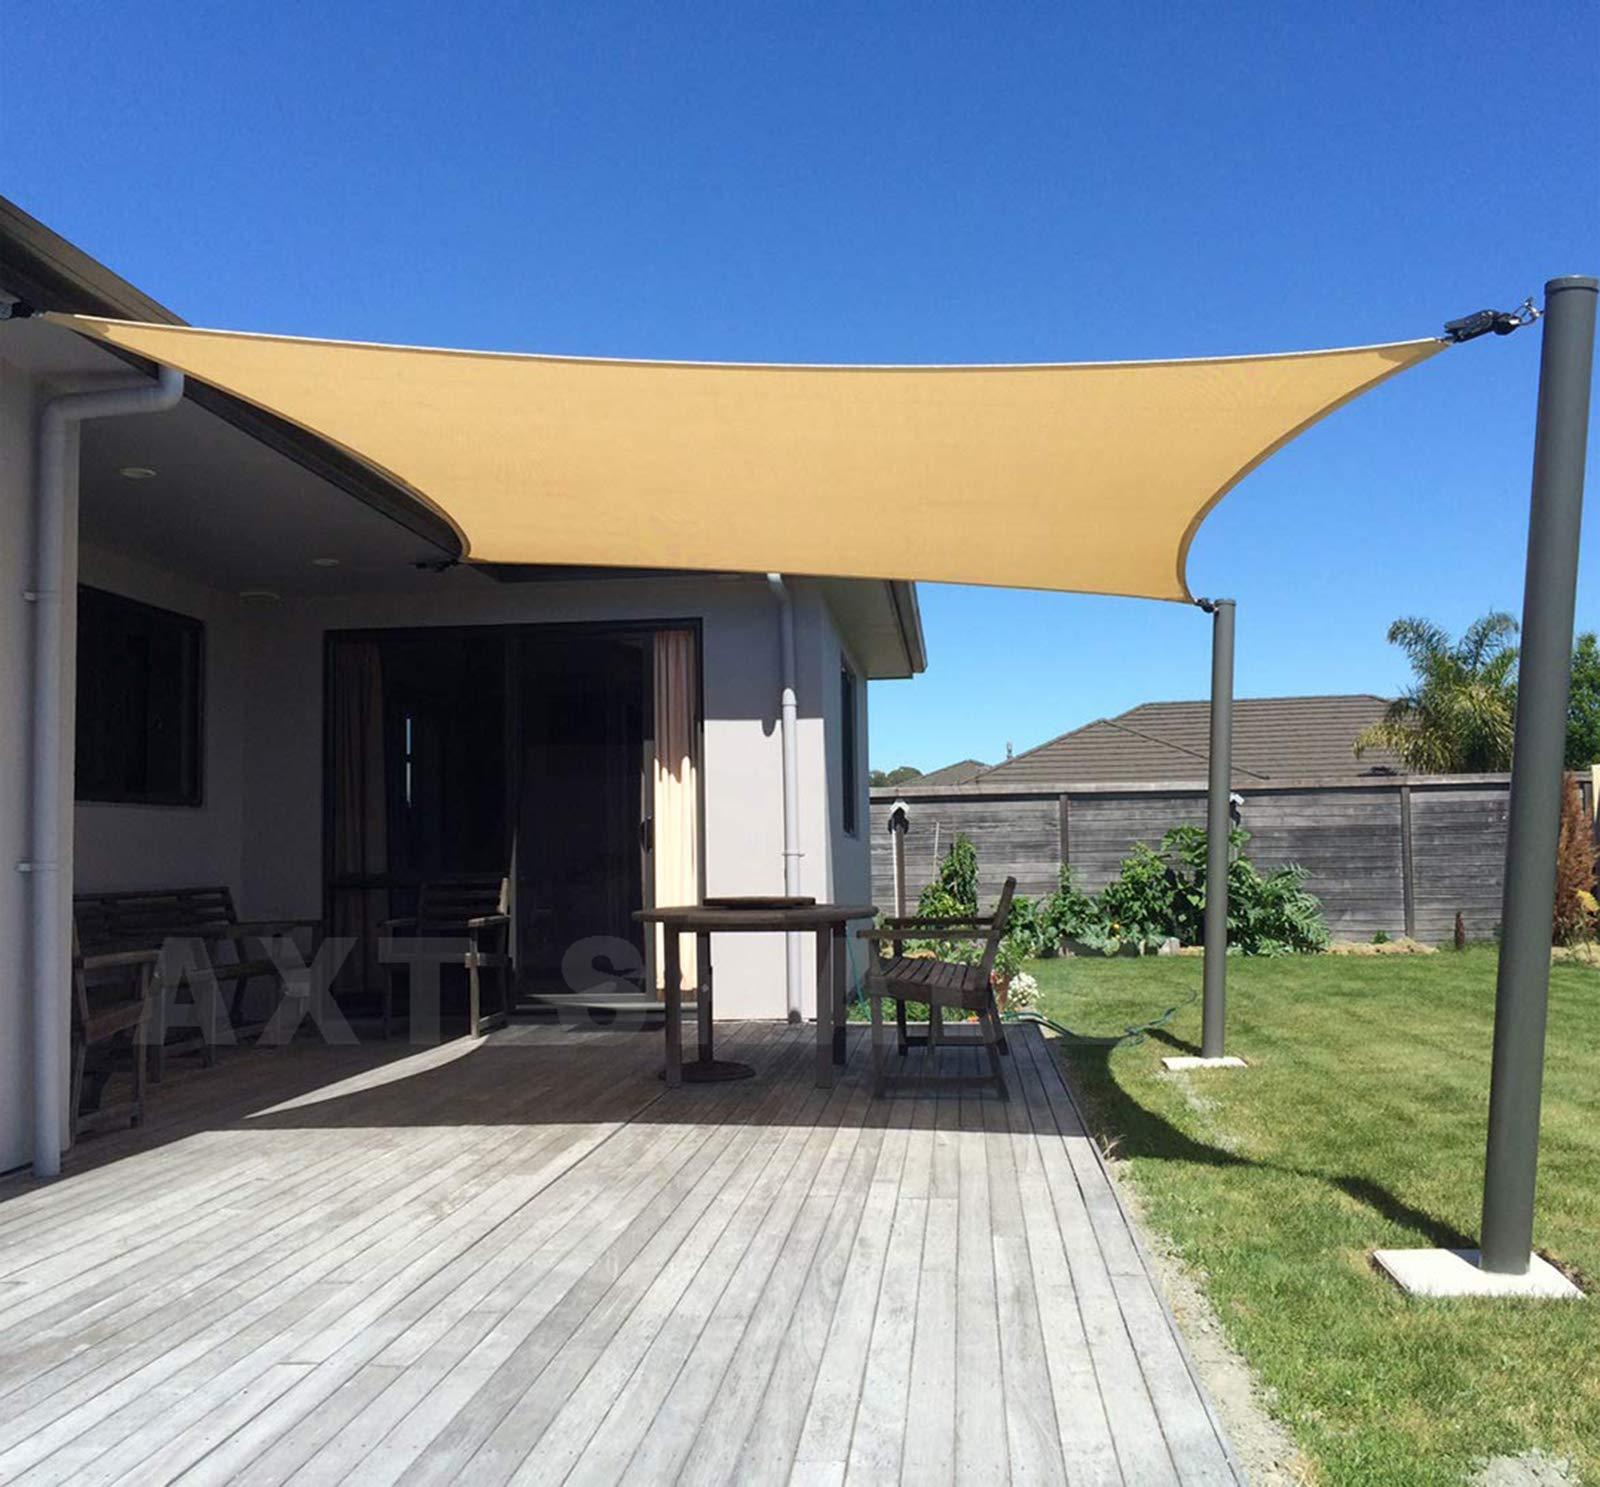 AXT SHADE Toldo Vela de Sombra Rectangular 2 x 3 m, protección Rayos UV y HDPE Transpirable para Patio, Exteriores, Jardín, Color Arena: Amazon.es: Jardín